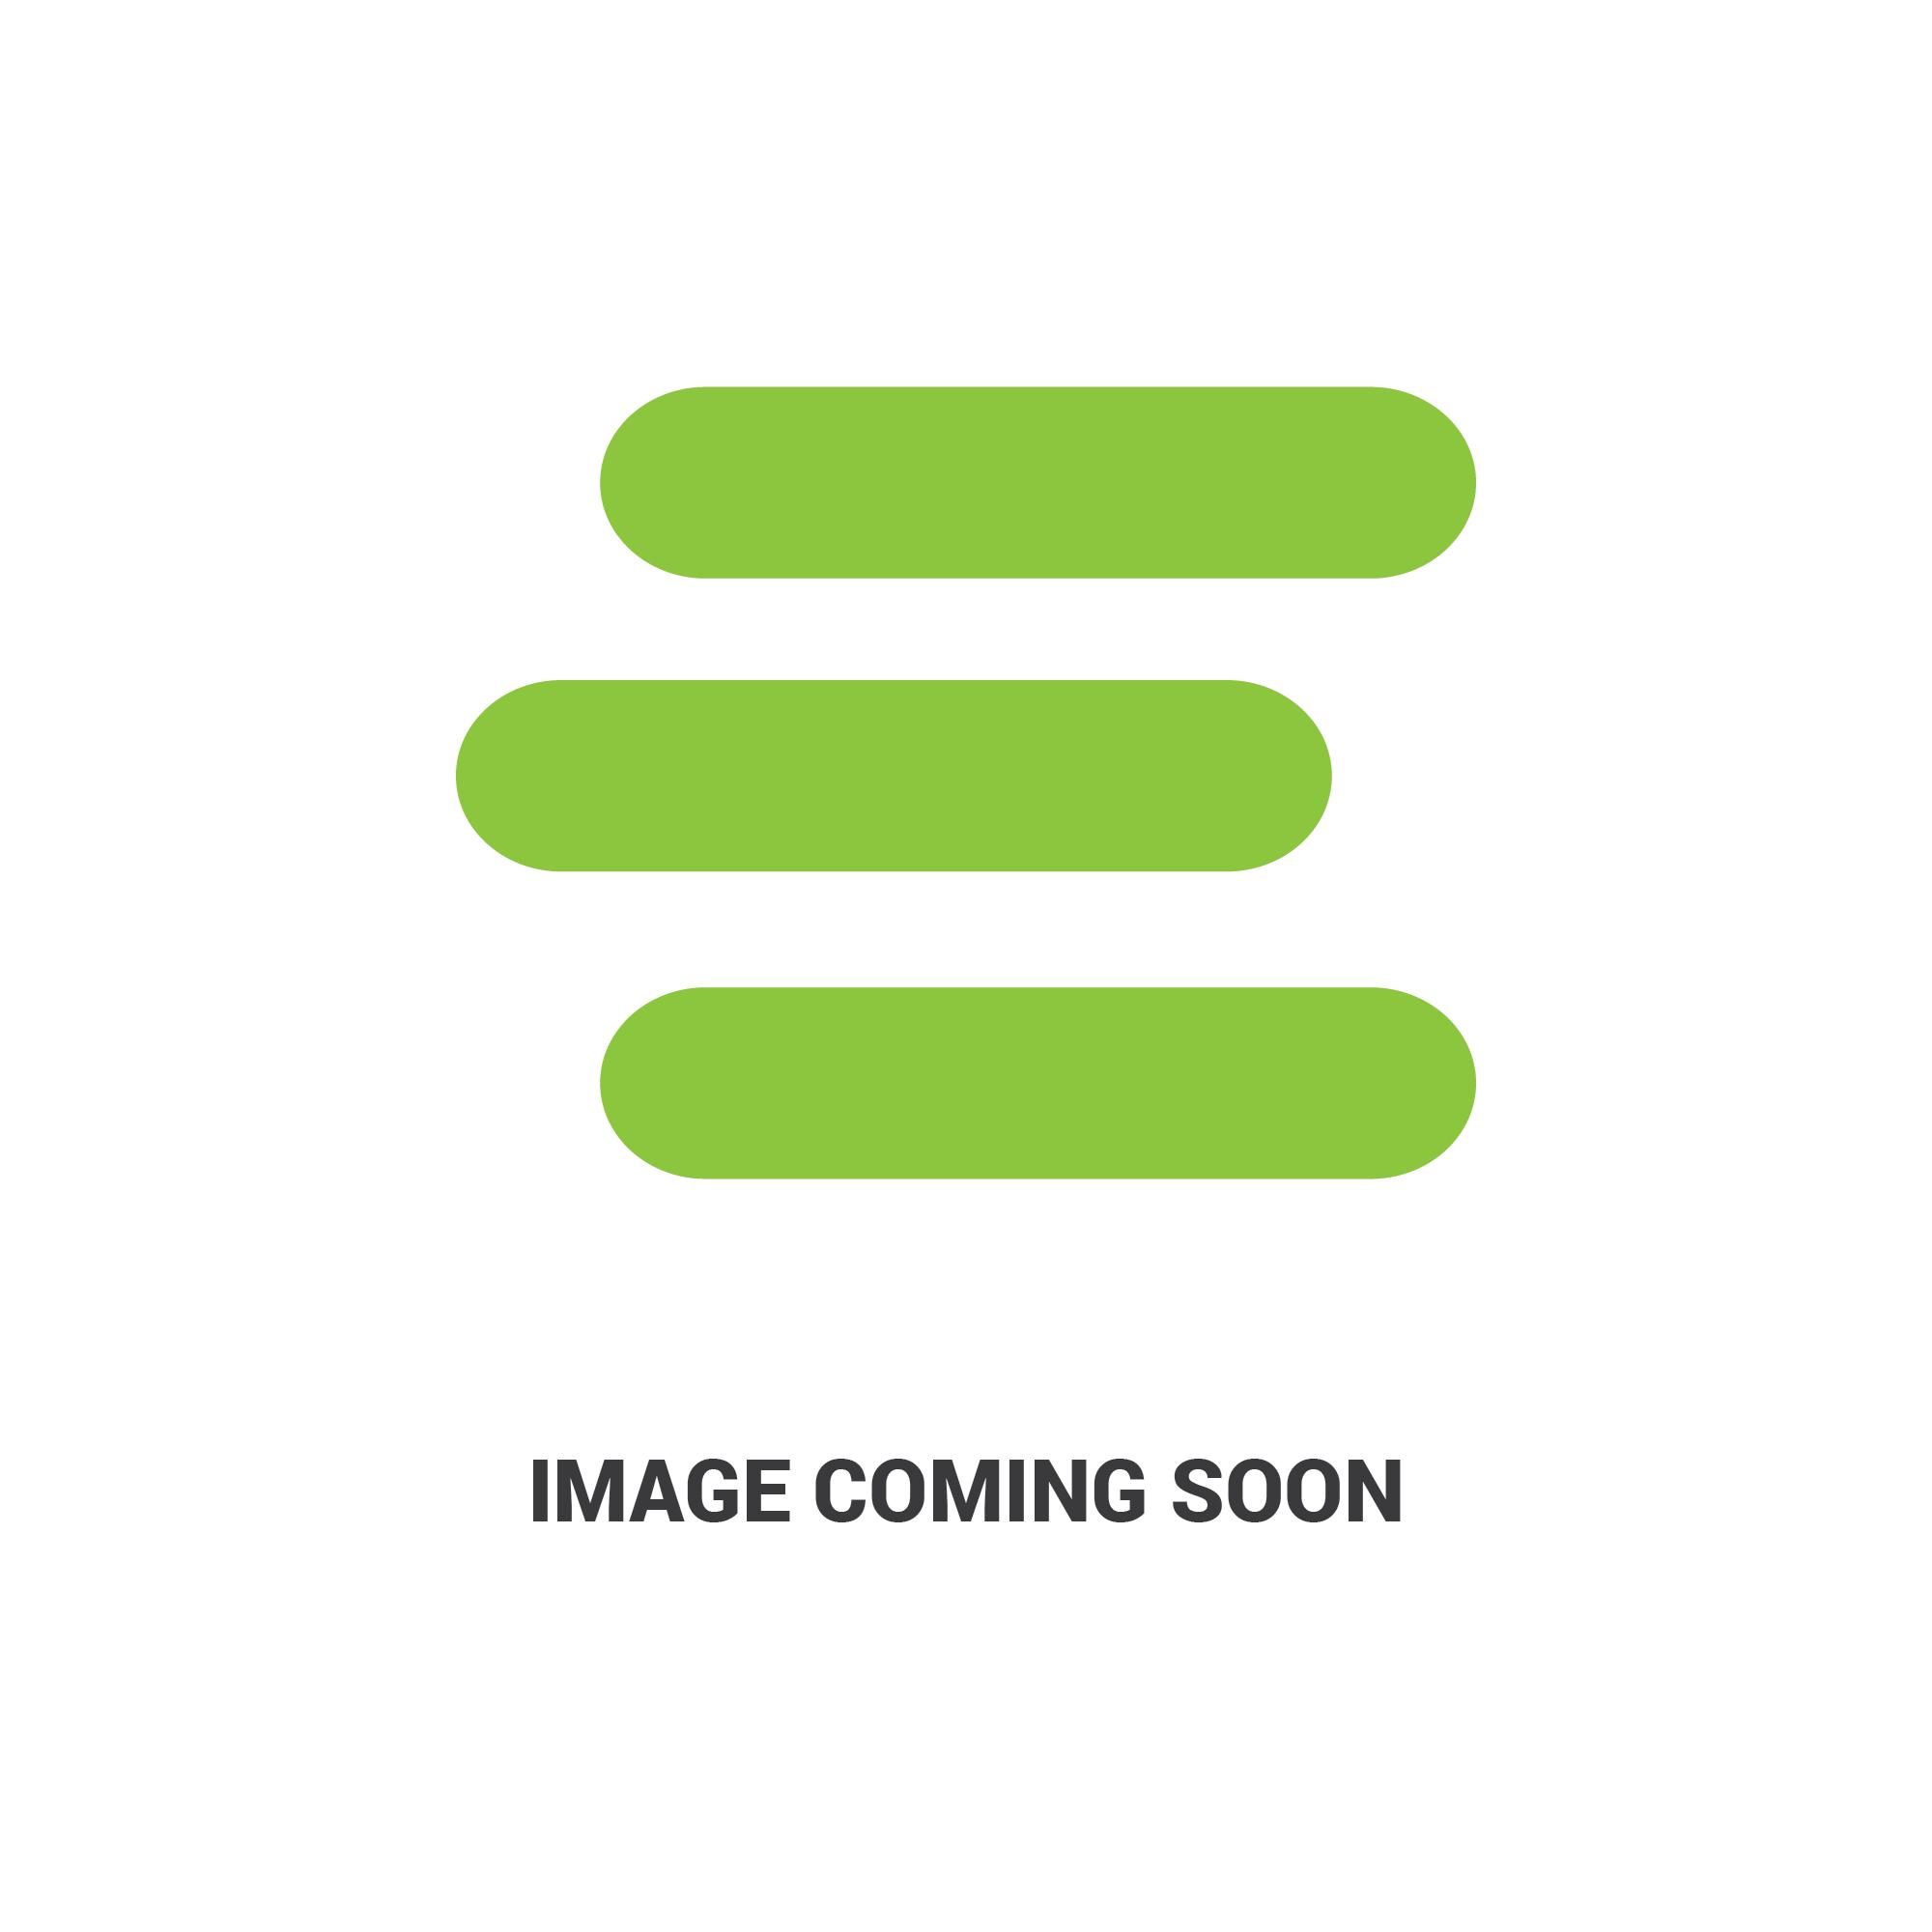 E-6A320-85812edit 1101.jpg